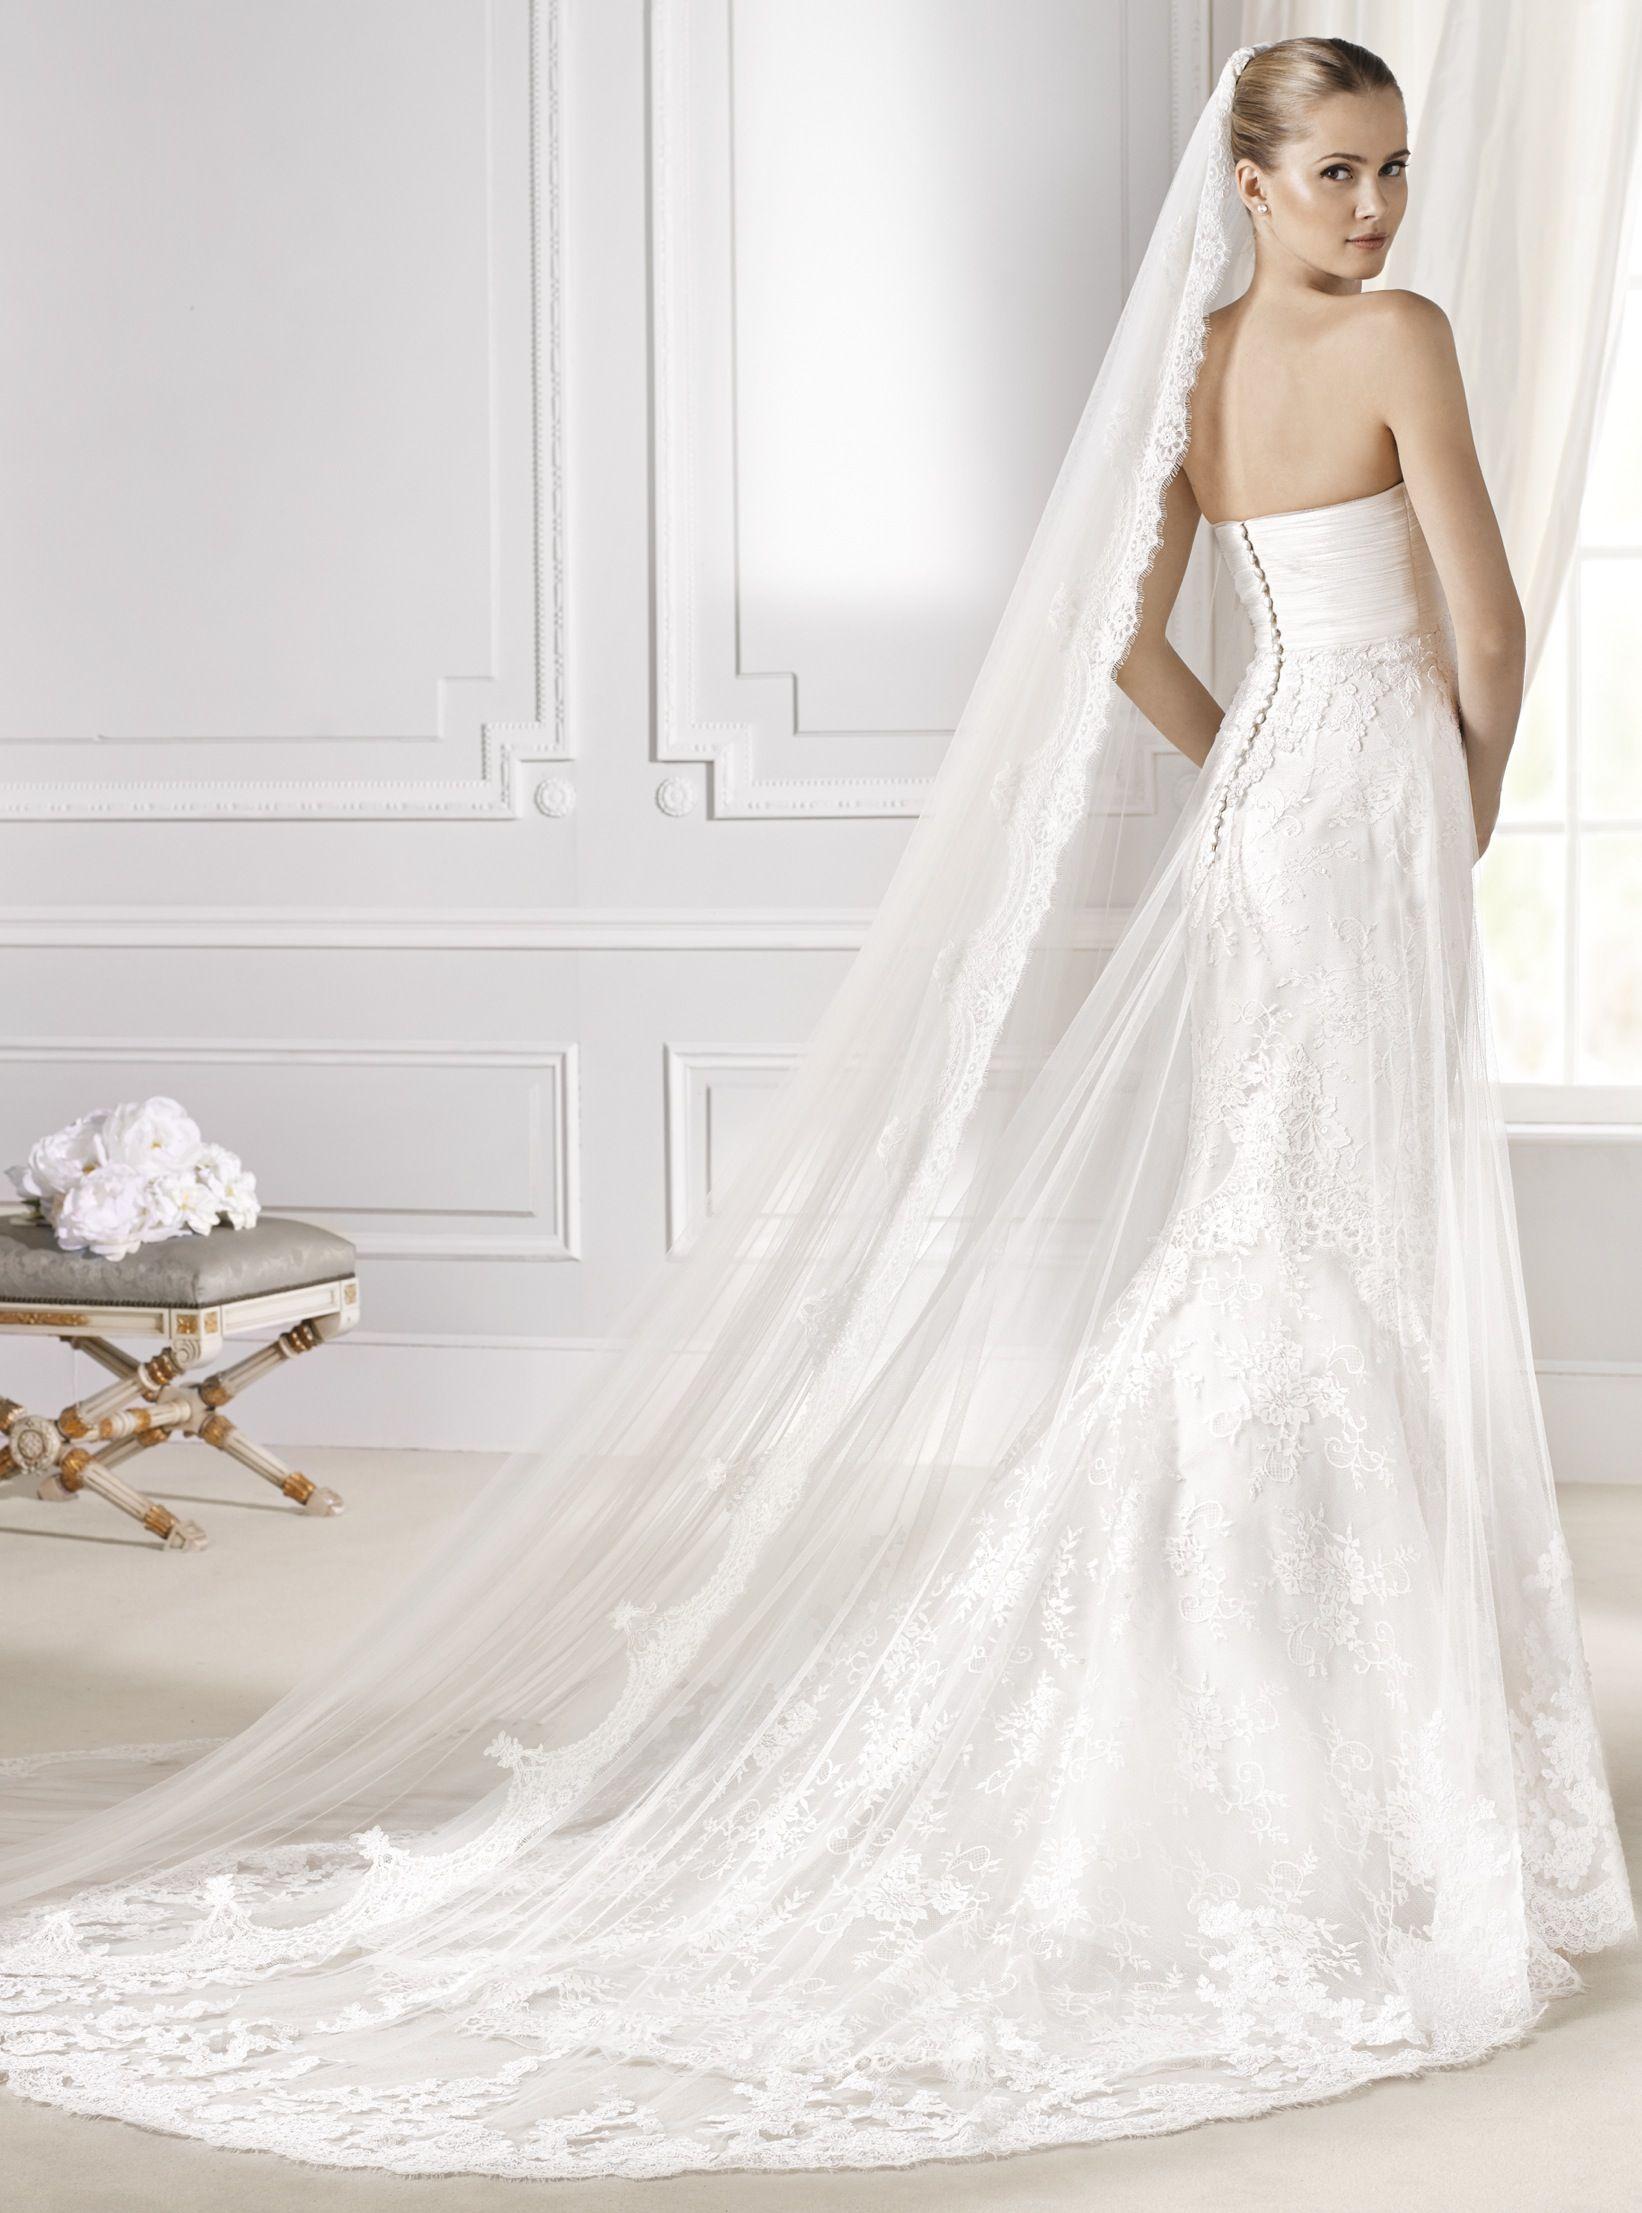 Denia by la sposa collection denia lasposa bridal gown